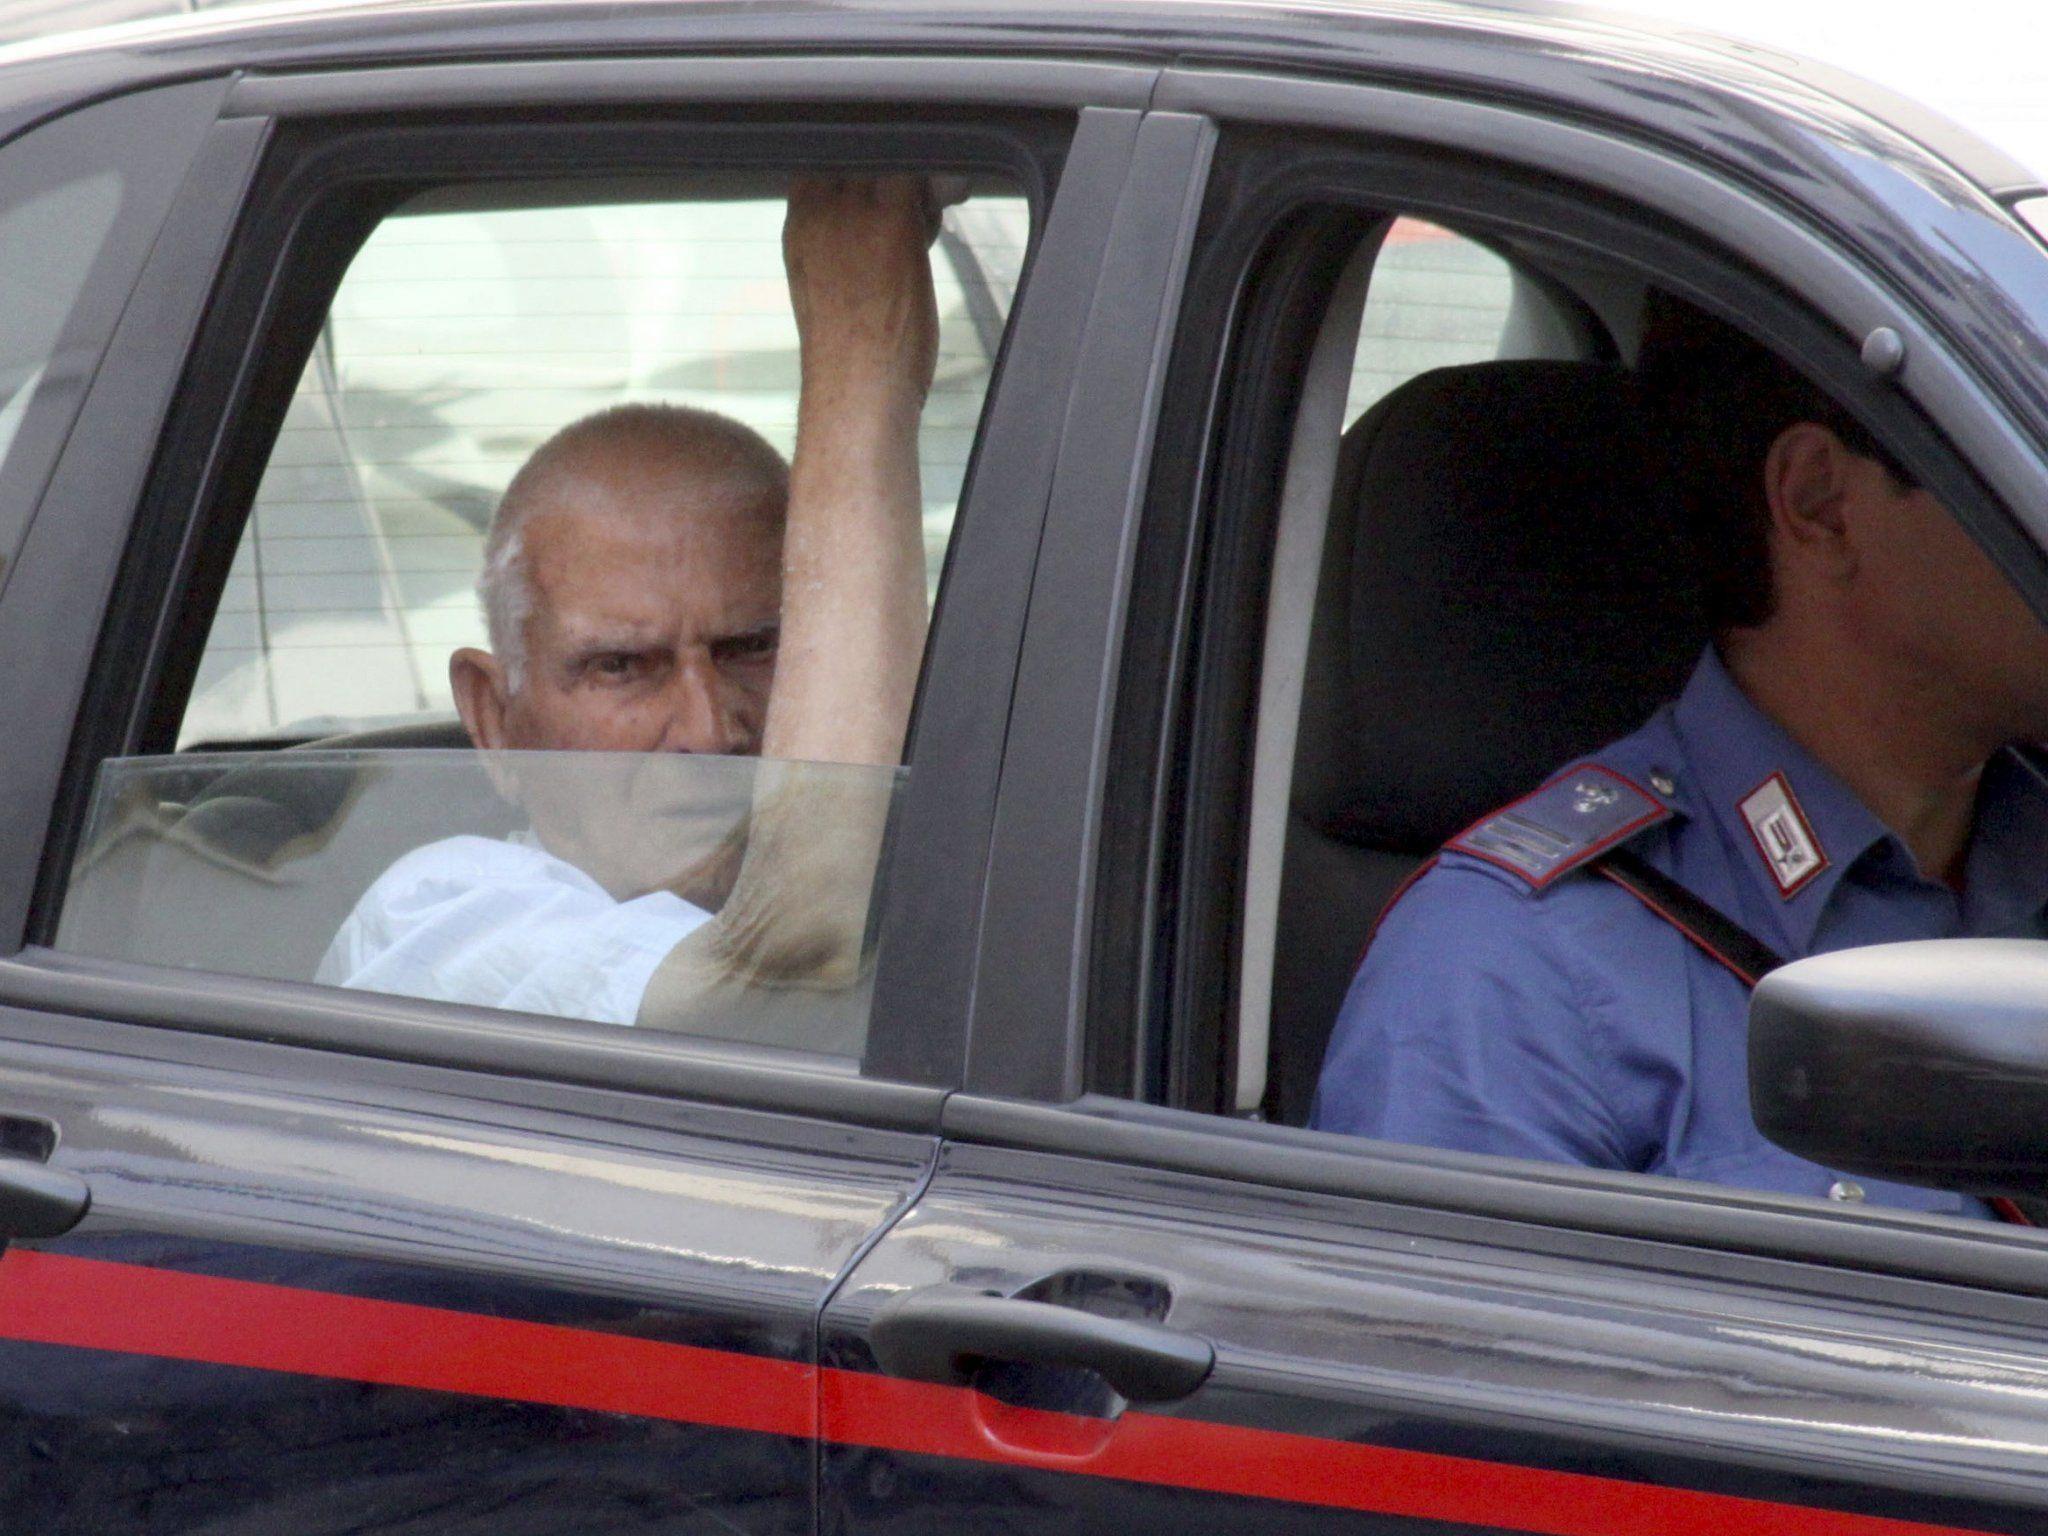 Am 13. Juli 2010 wurden zahlreiche Mitglieder der 'Ndrangheta verhaftet.